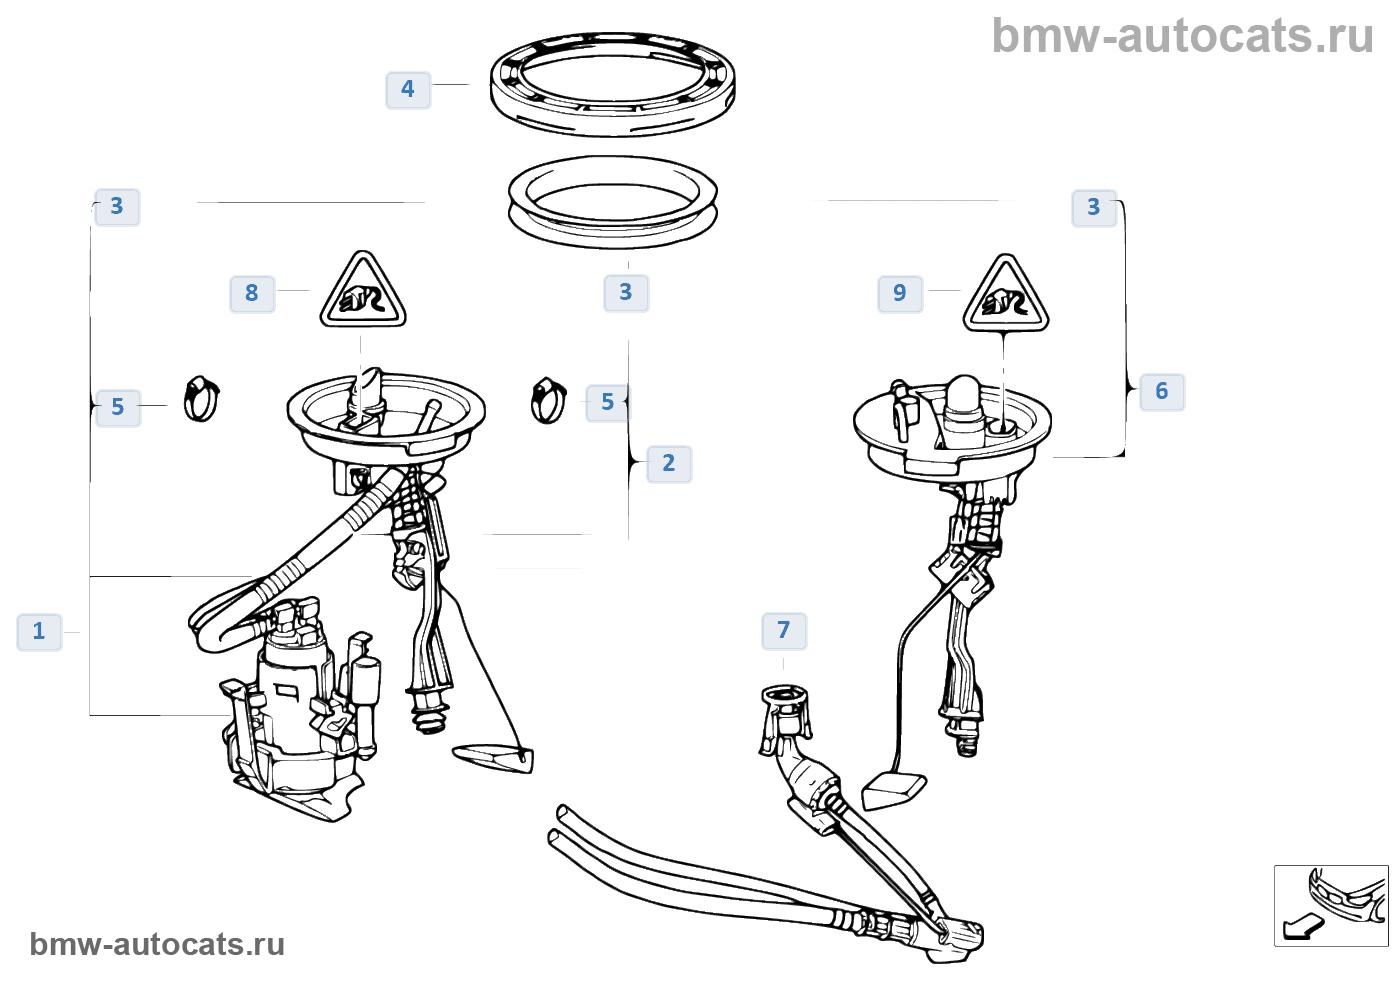 автономная система отопления BMW e38